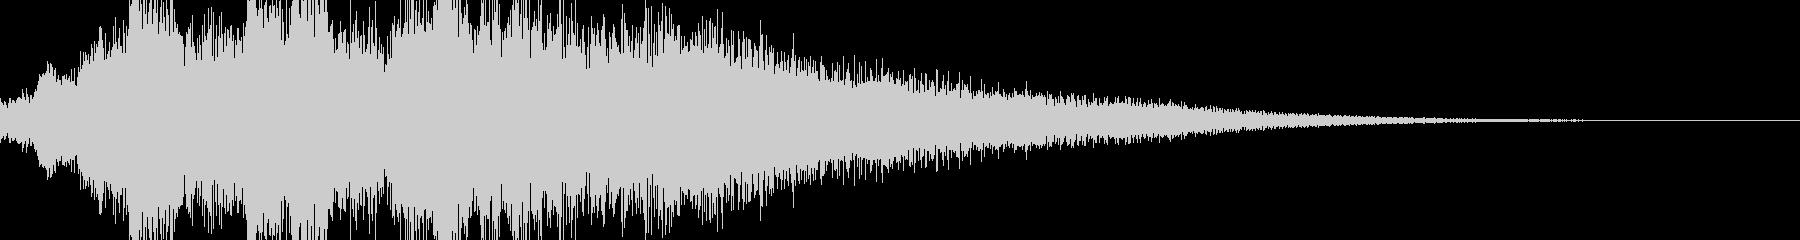 クリックスタート音サウンドロゴ都会的の未再生の波形